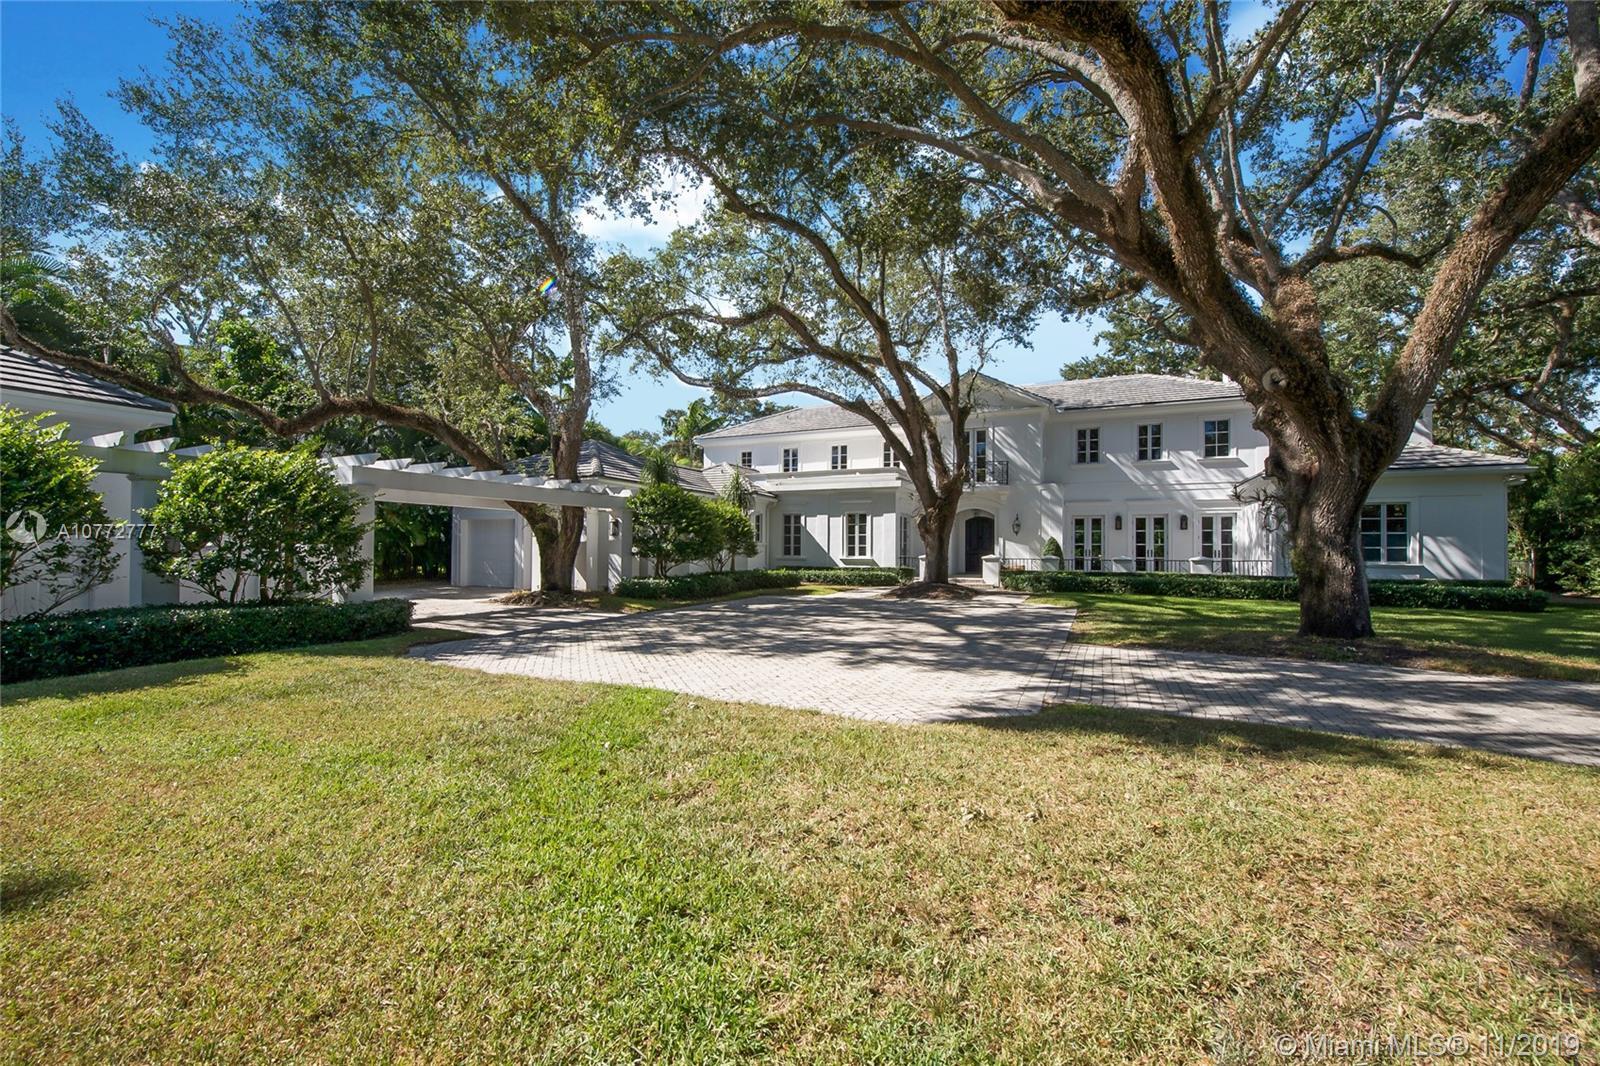 7426 SW 49th Pl, Coral Gables, Florida